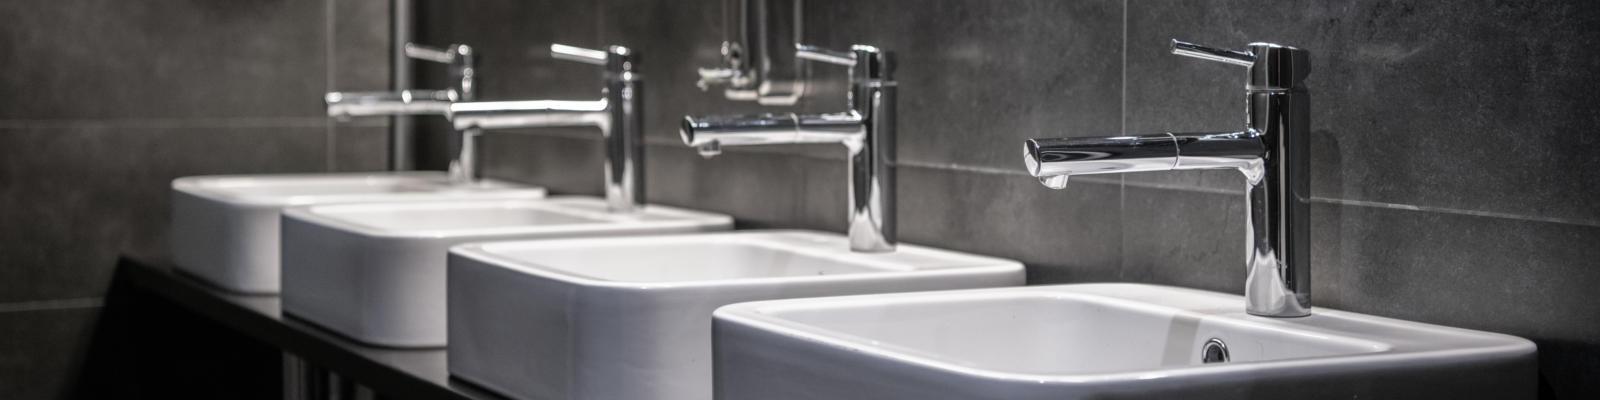 Gewerbeliche Sanitäranlage